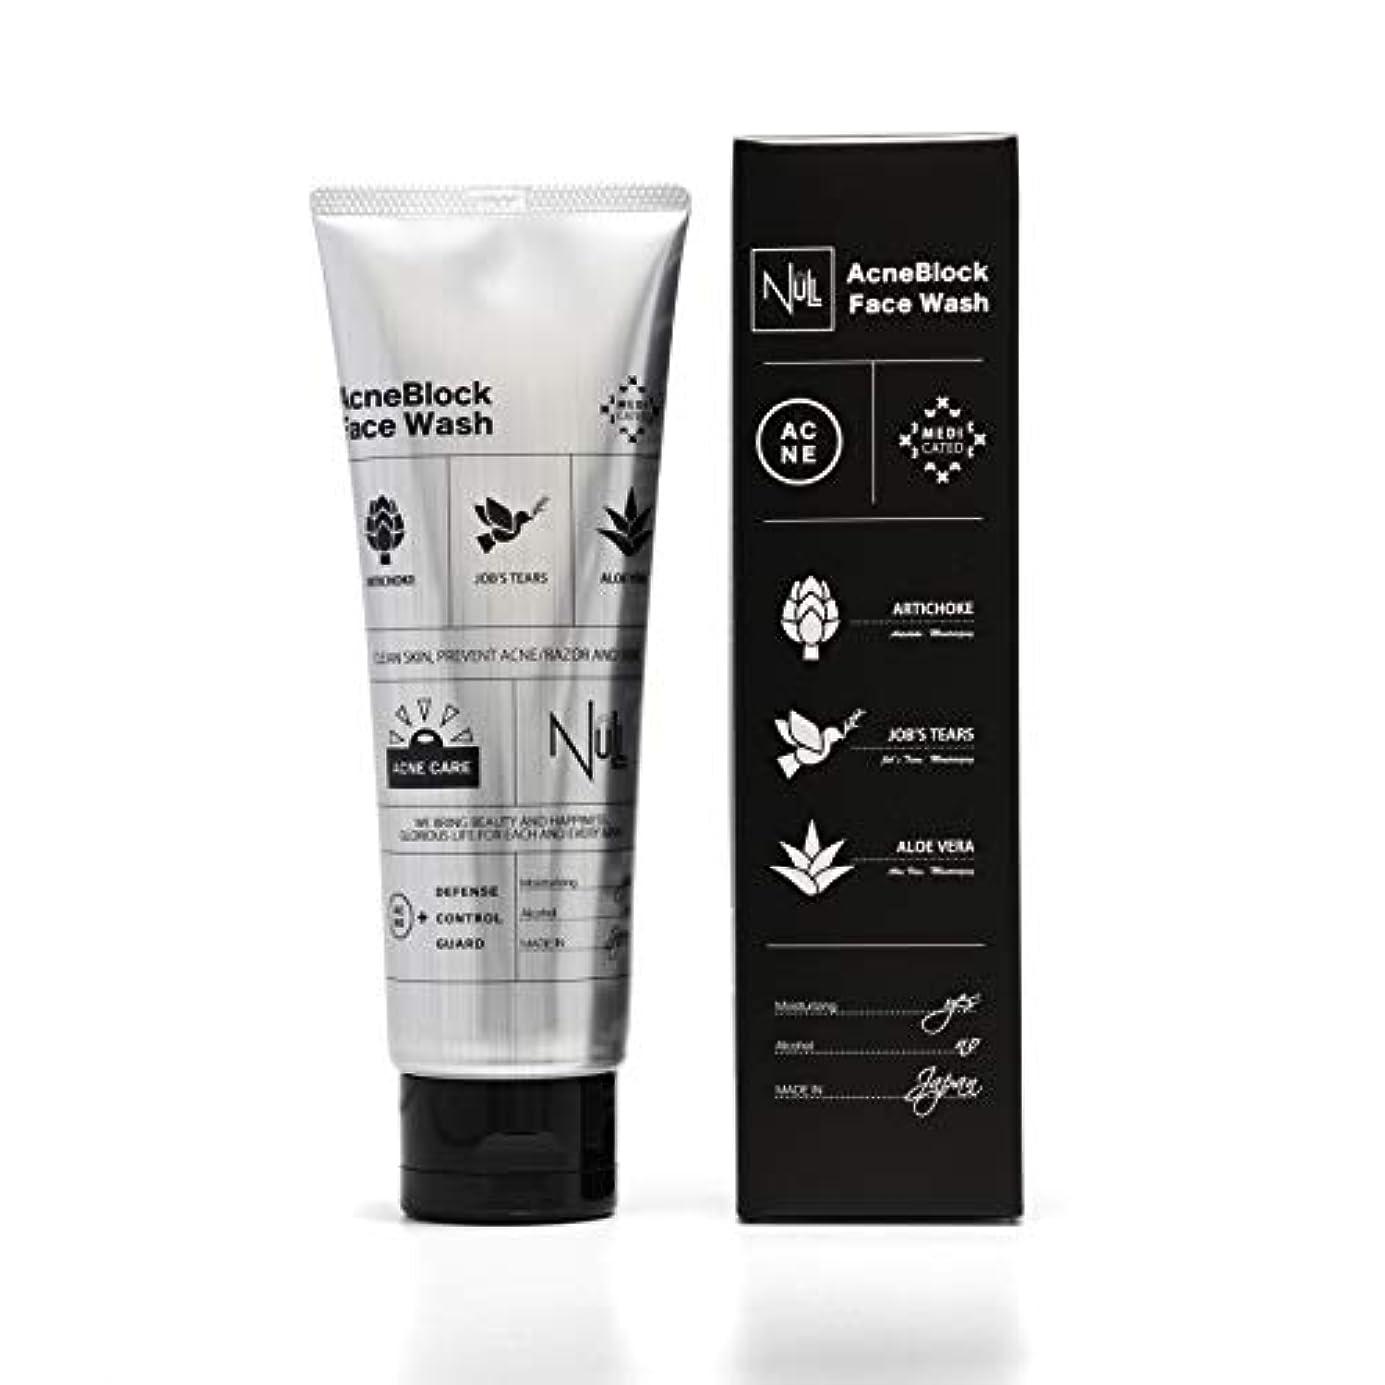 ソース修正修正NULL 洗顔 メンズ 【有効成分の力で ニキビ を防ぐ かみそり負け/肌荒れ を防ぐ】薬用 アクネブロック フェイスウォッシュ 洗顔クリーム 洗顔料 保湿成分配合 アルコールなど6つの 無添加 医薬部外品 120g